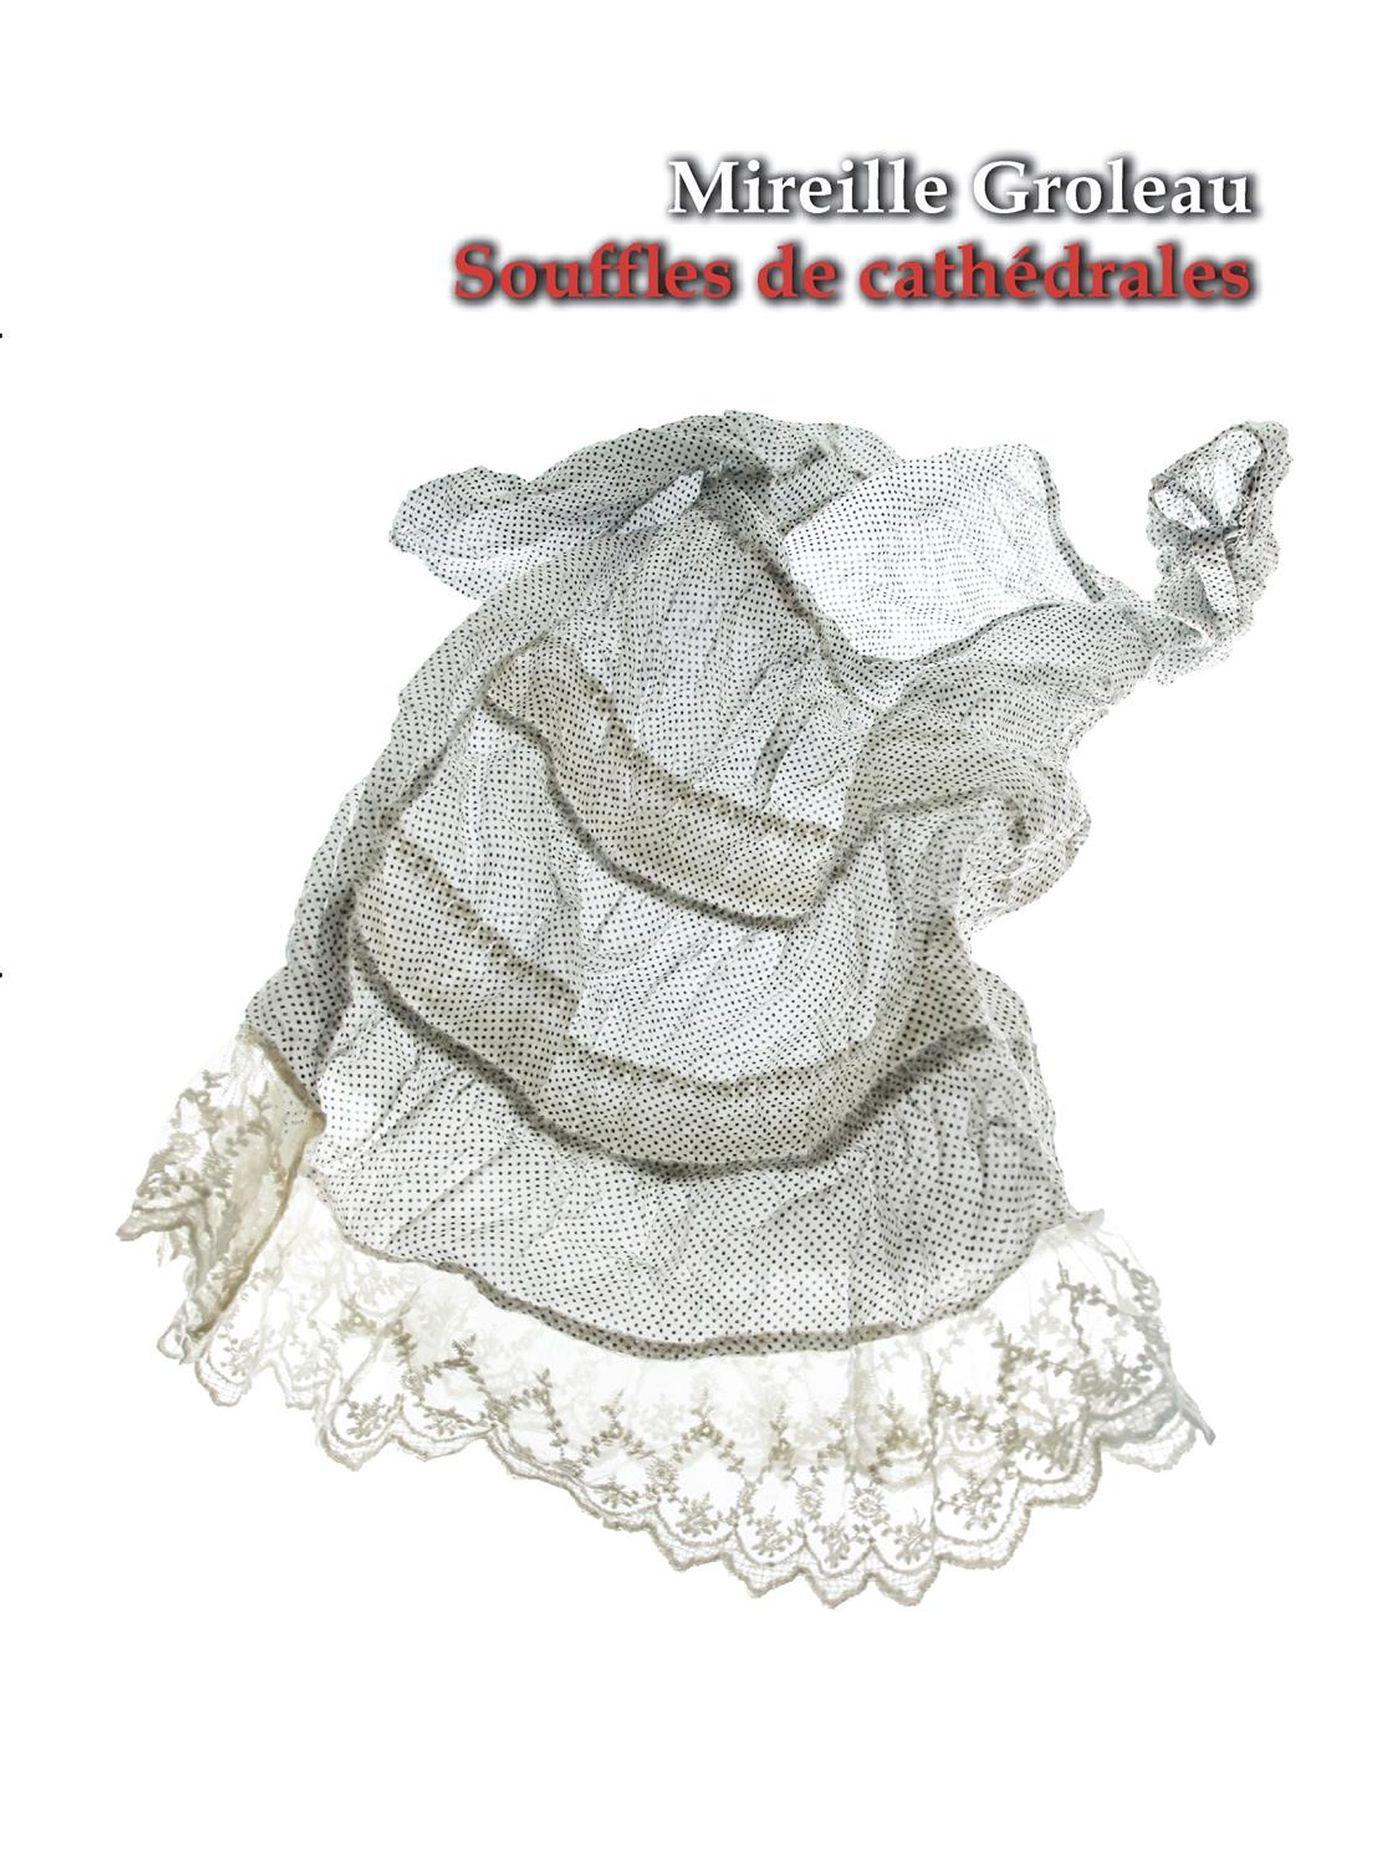 Souffles de cathédrales